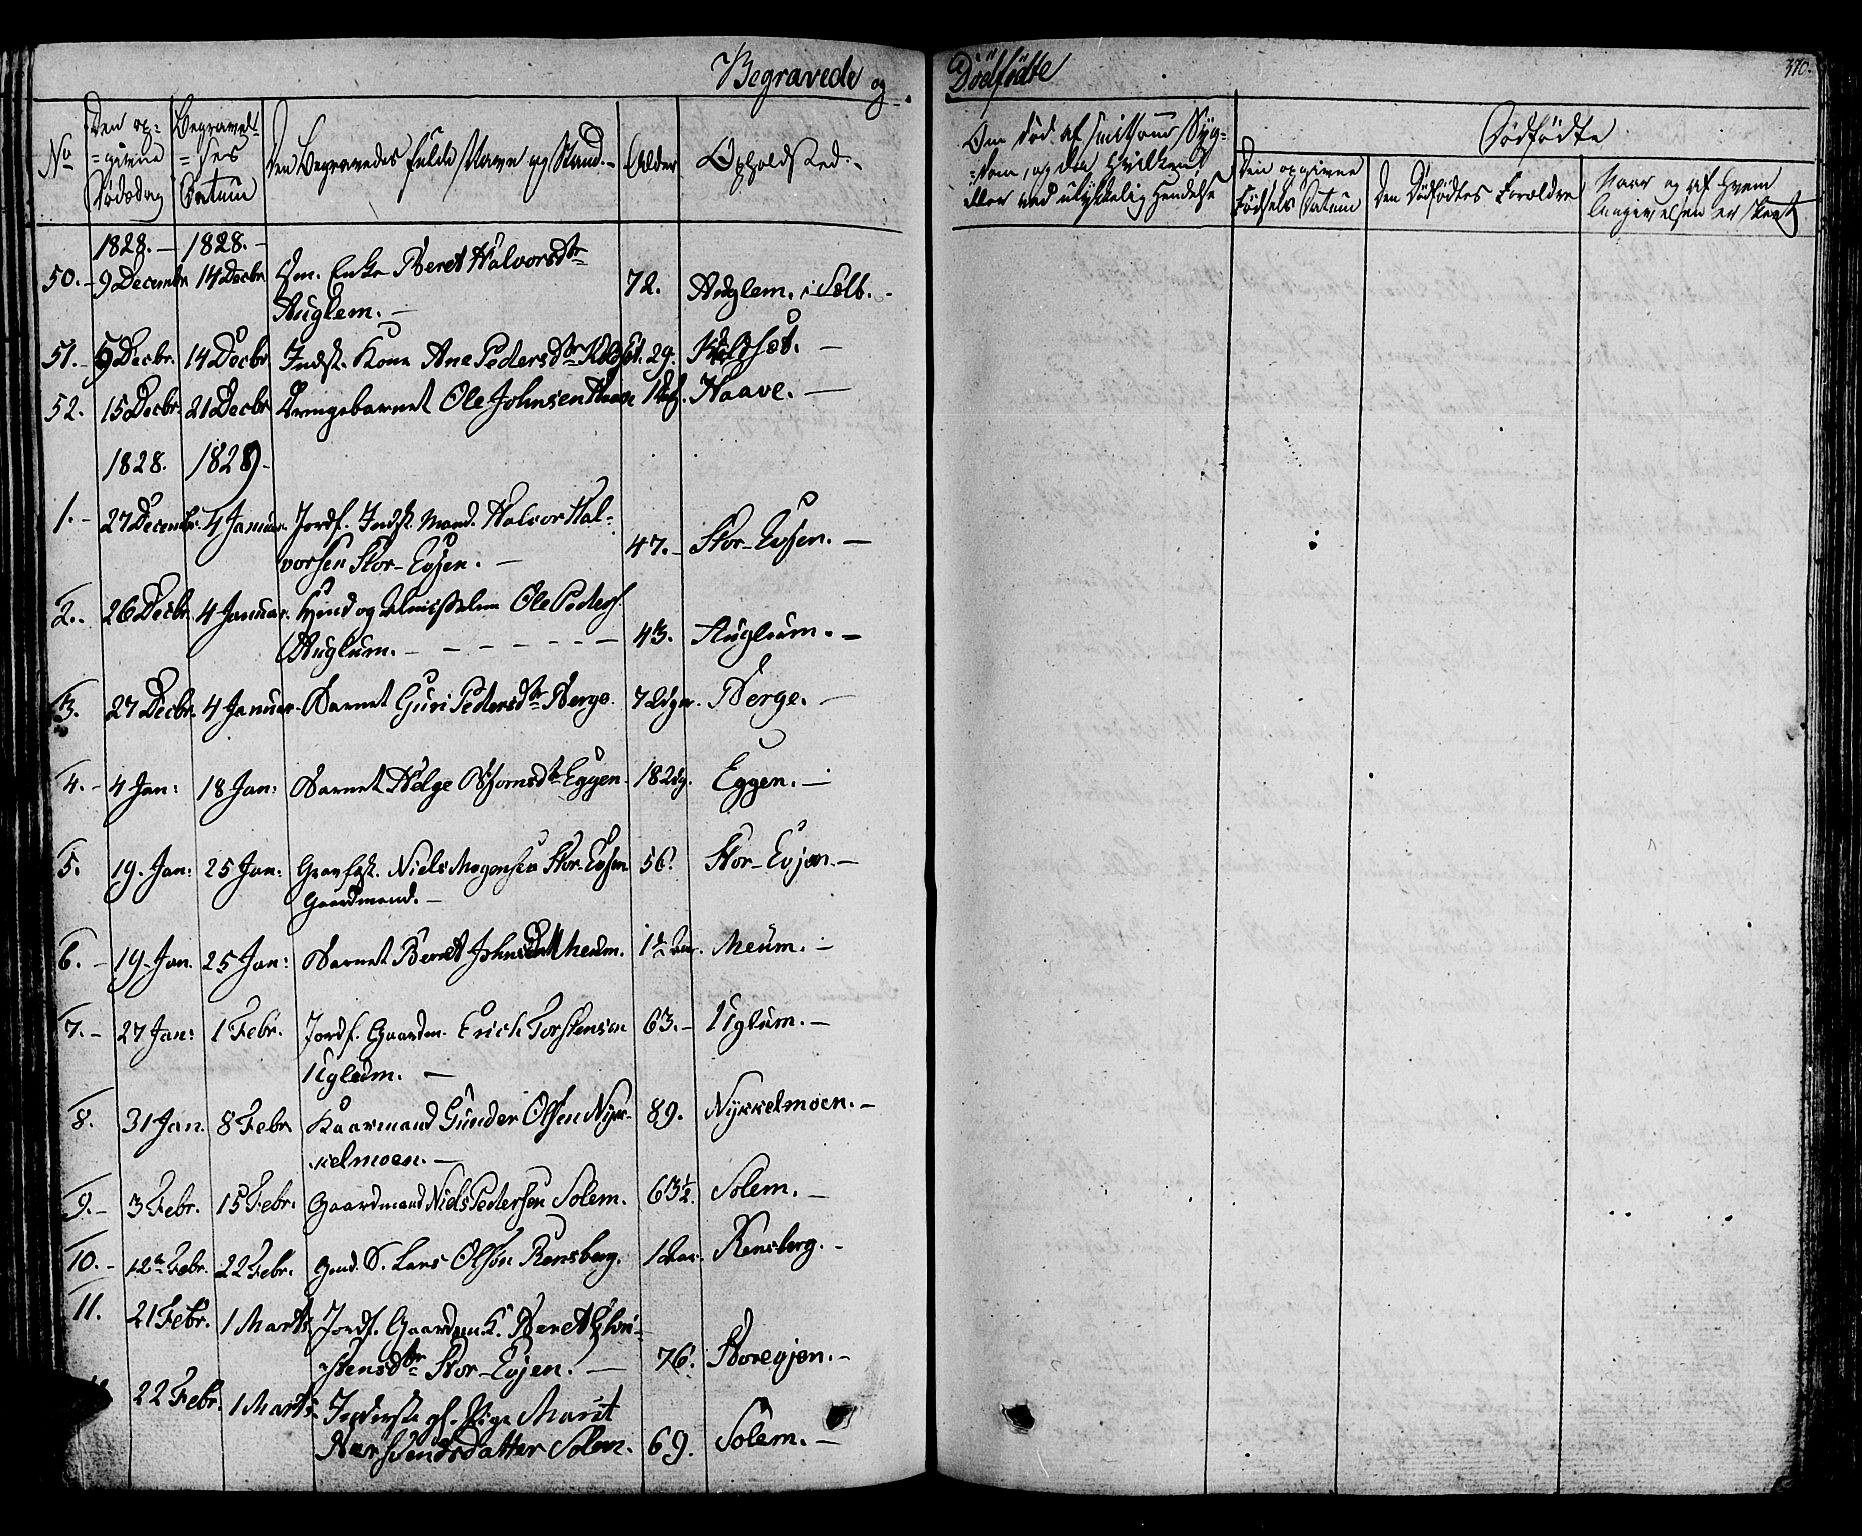 SAT, Ministerialprotokoller, klokkerbøker og fødselsregistre - Sør-Trøndelag, 695/L1143: Ministerialbok nr. 695A05 /1, 1824-1842, s. 370